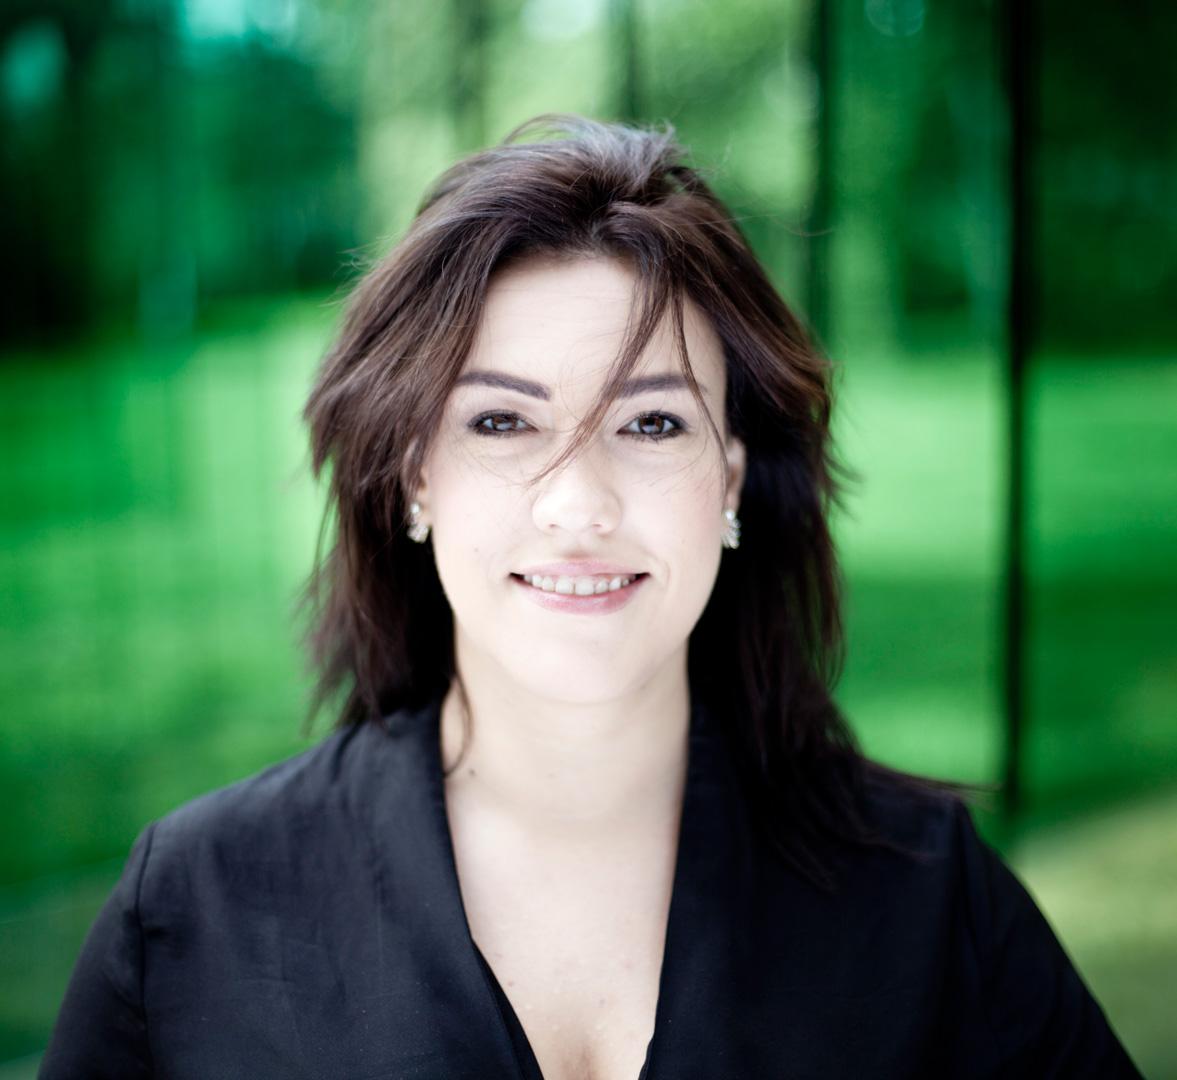 Aleksandra Klimaczak